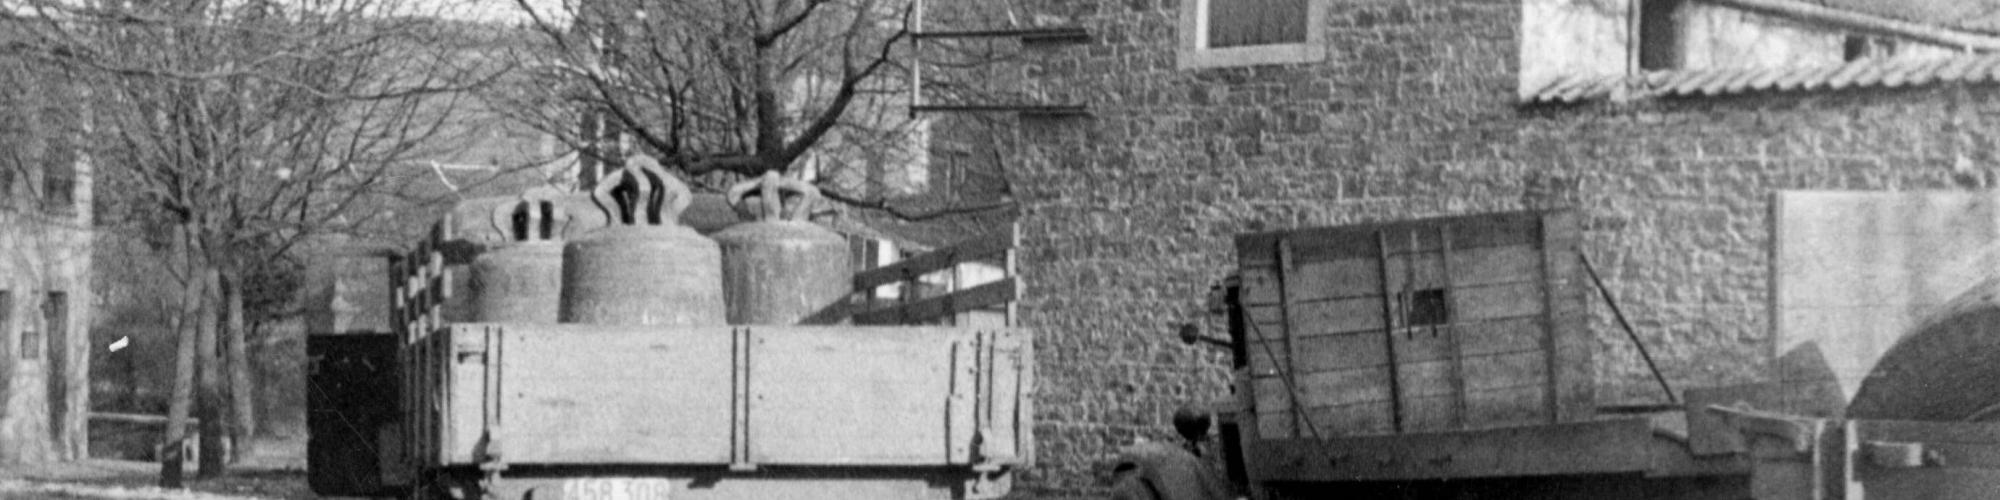 Foto nr 83226 : Terugkeer van de klokken in Jupille, 20/3/1945, Rechten voorbehouden aan CegeSoma/Rijksarchief.